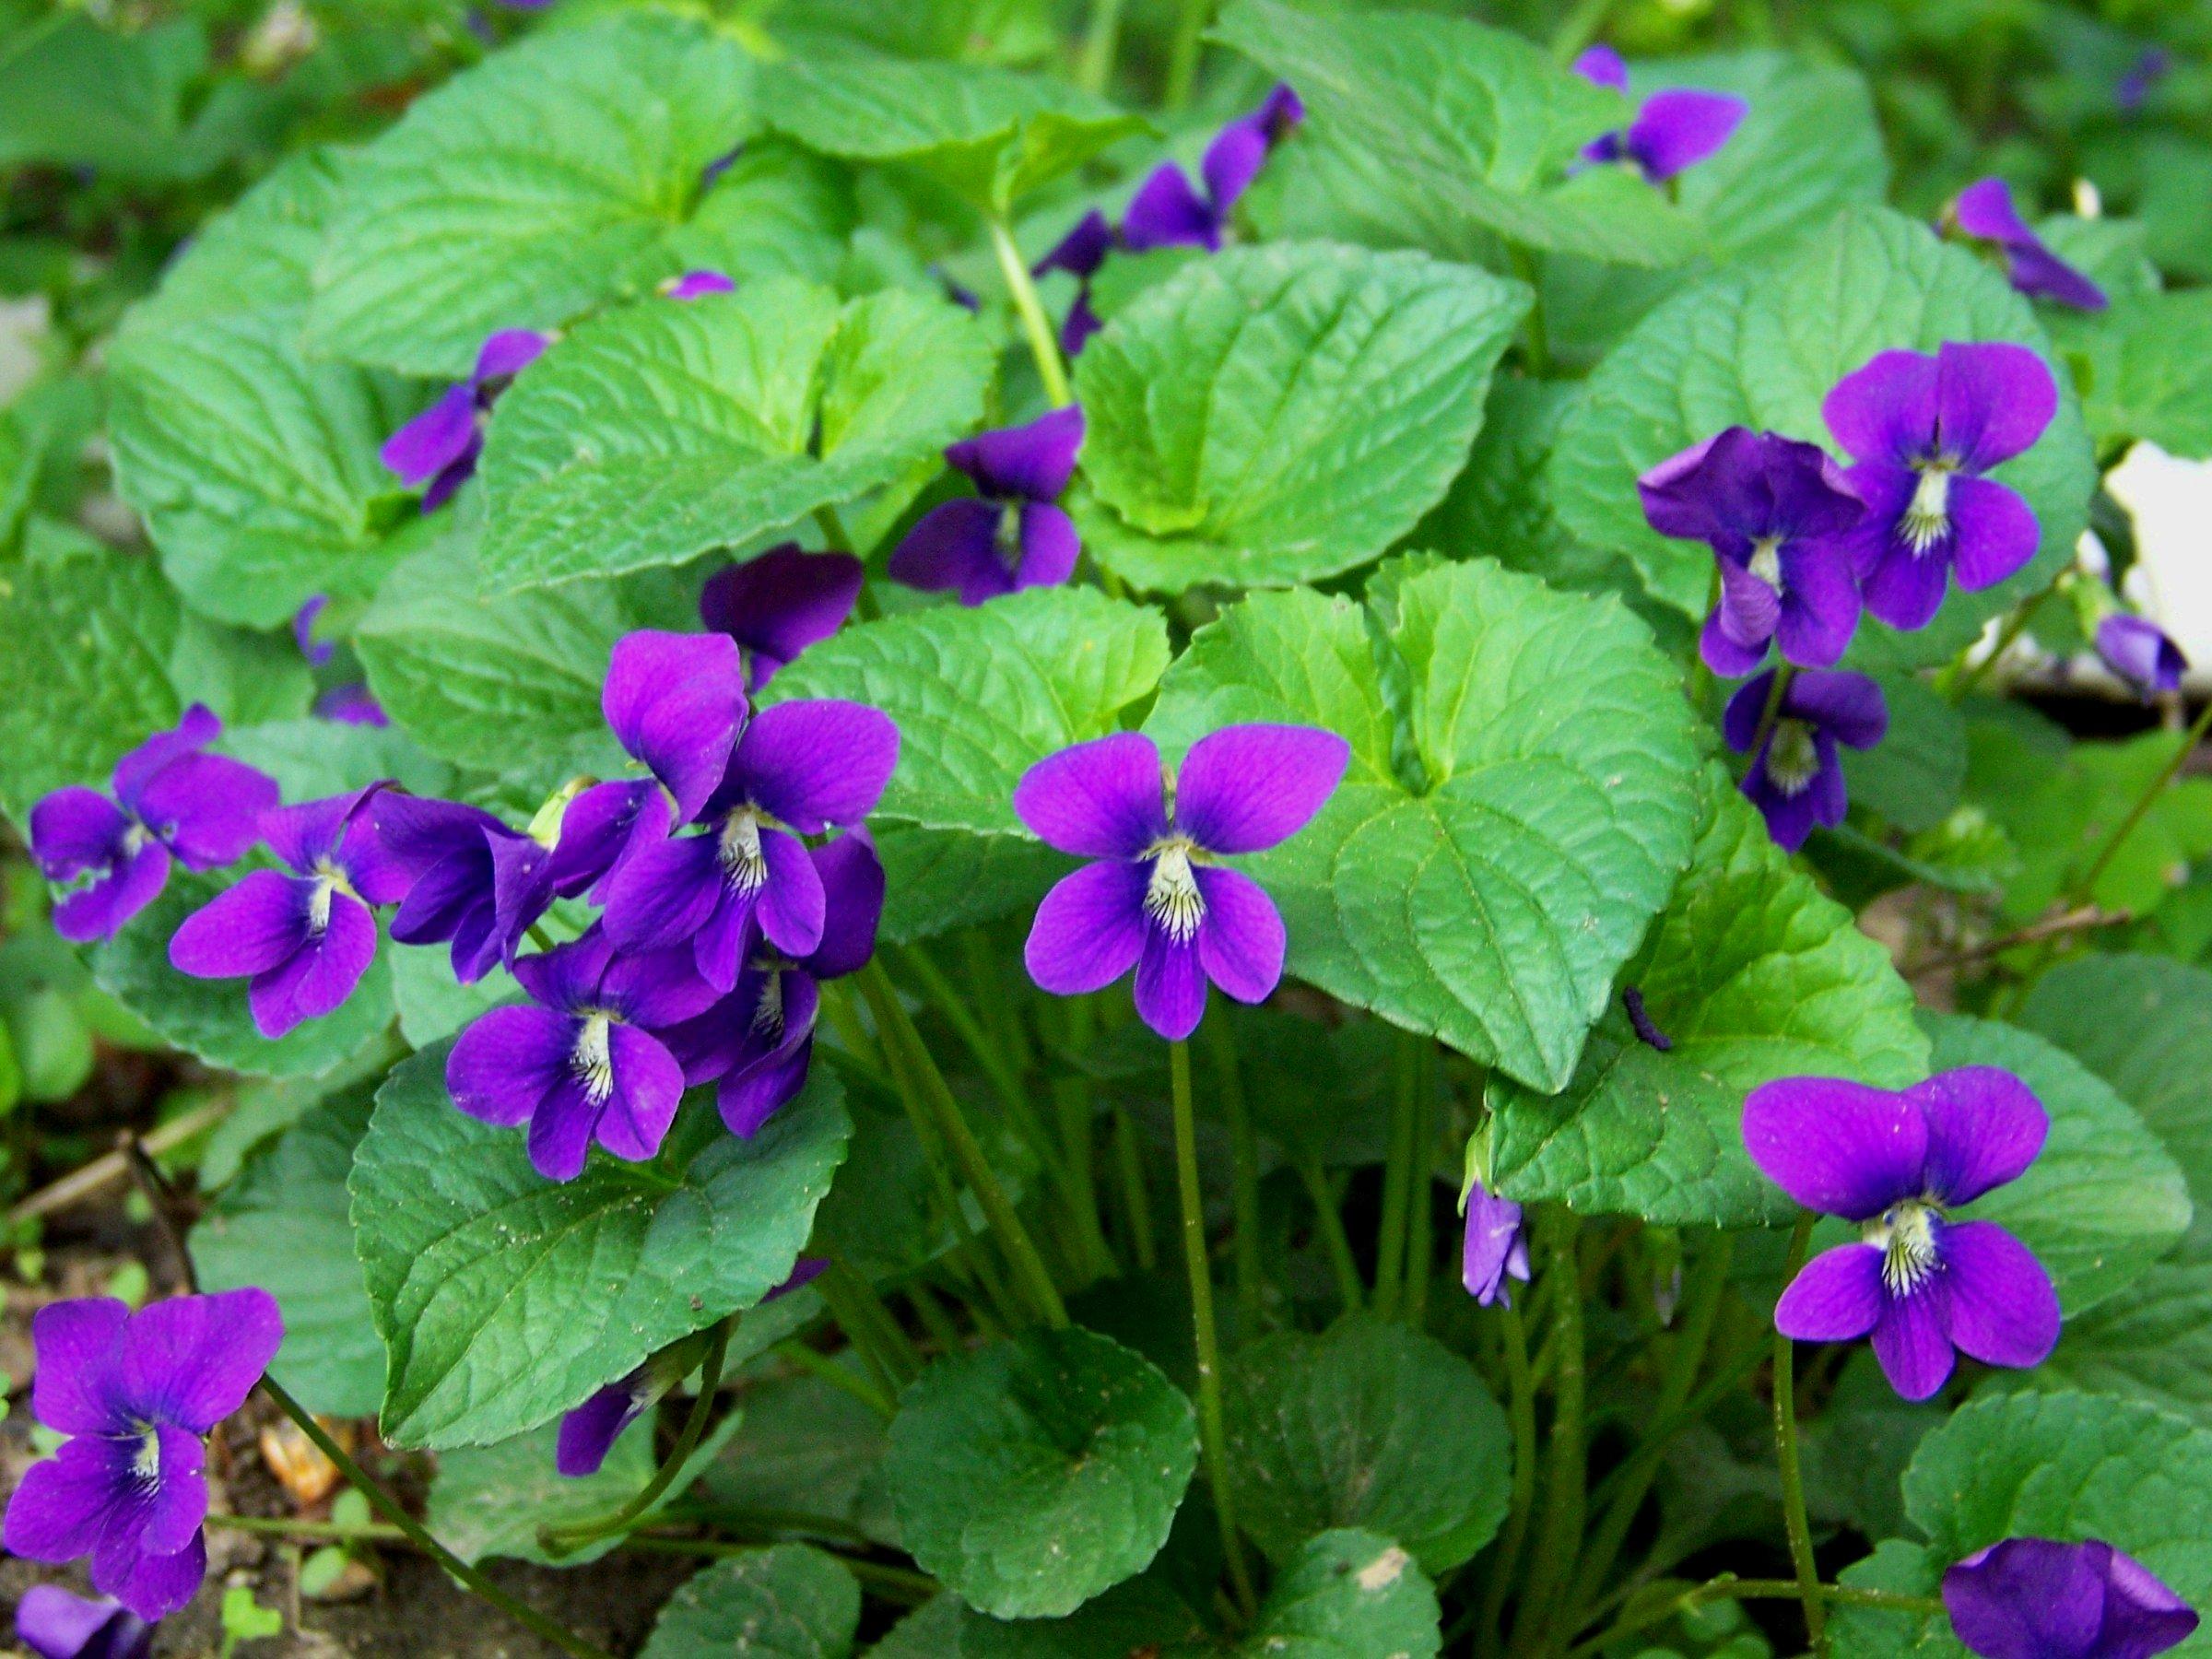 Weed of the Week: Wild Violets